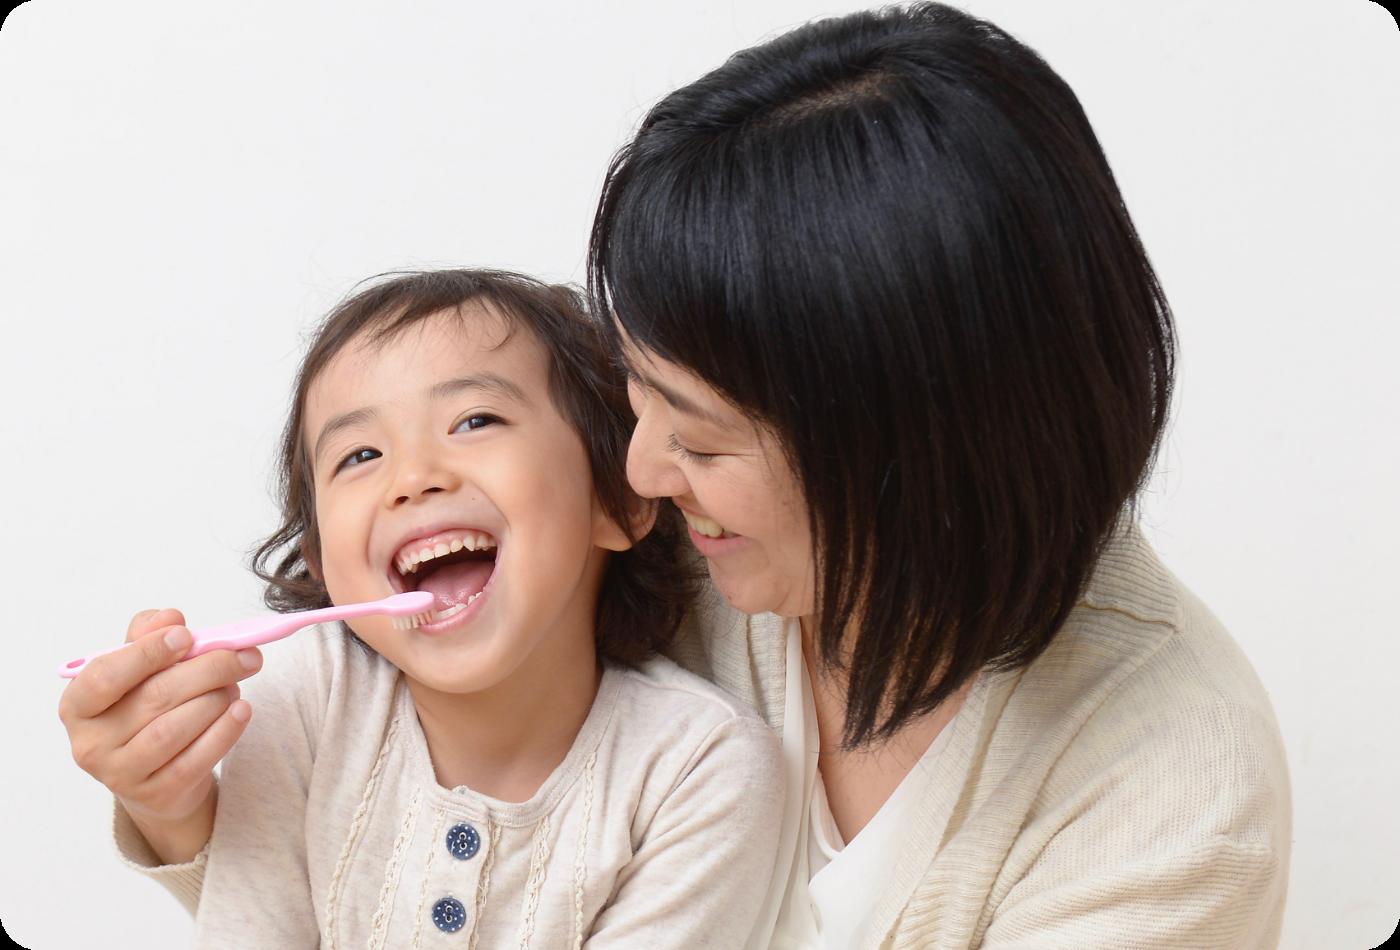 虫歯や歯周病予防のイメージ画像